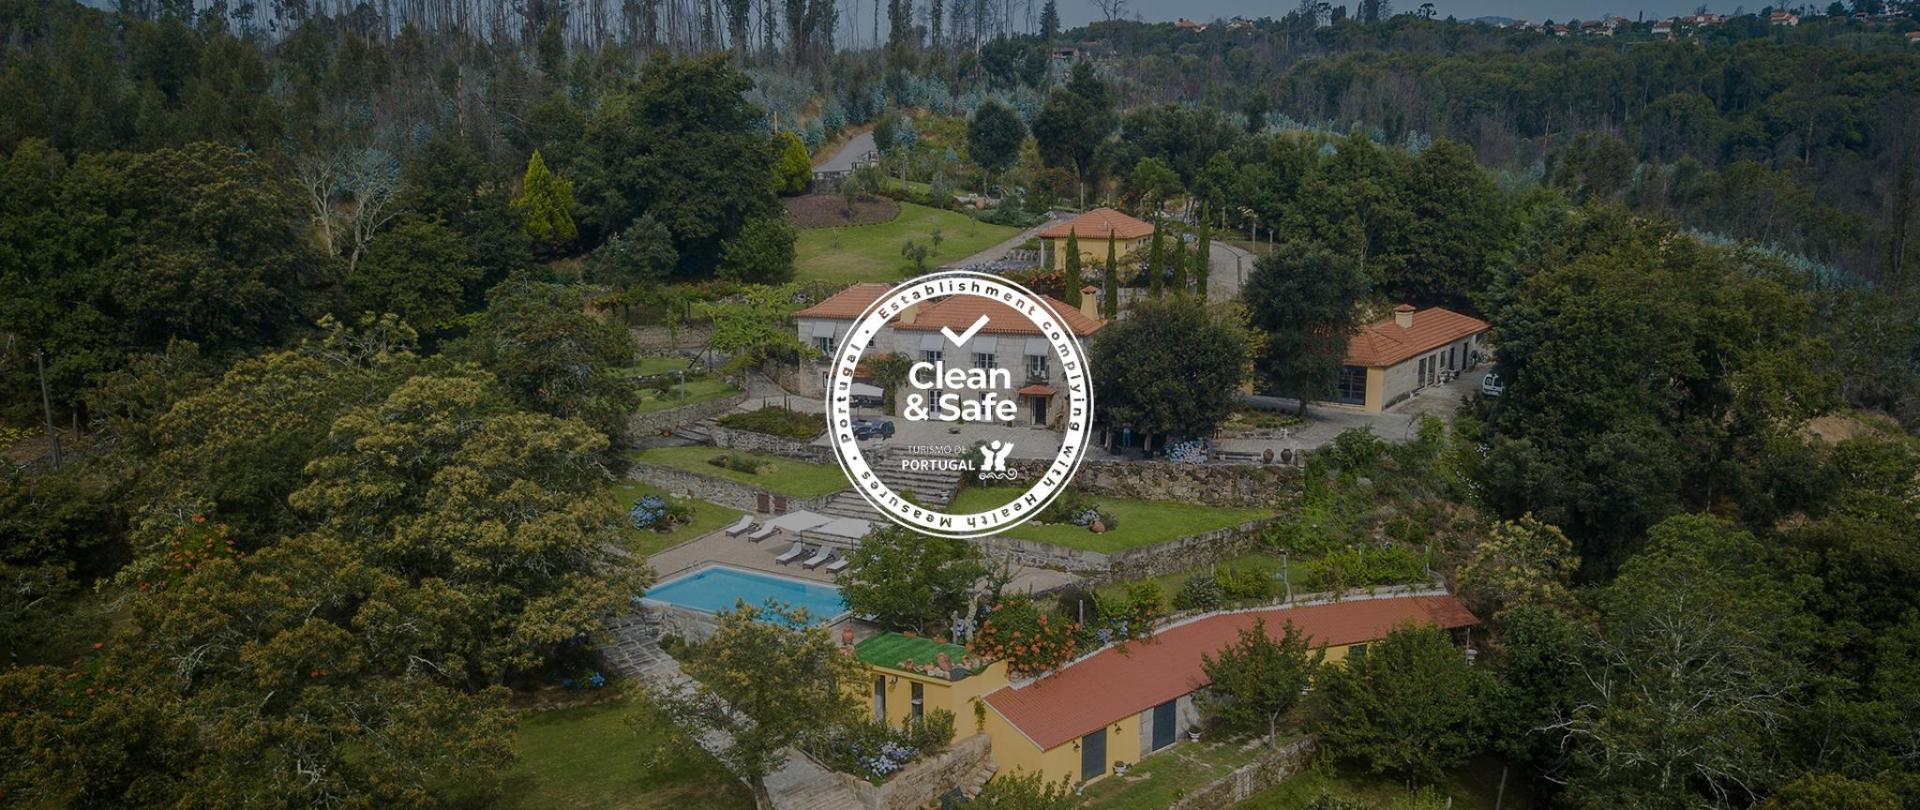 The Fox House - Private Villa & Nature